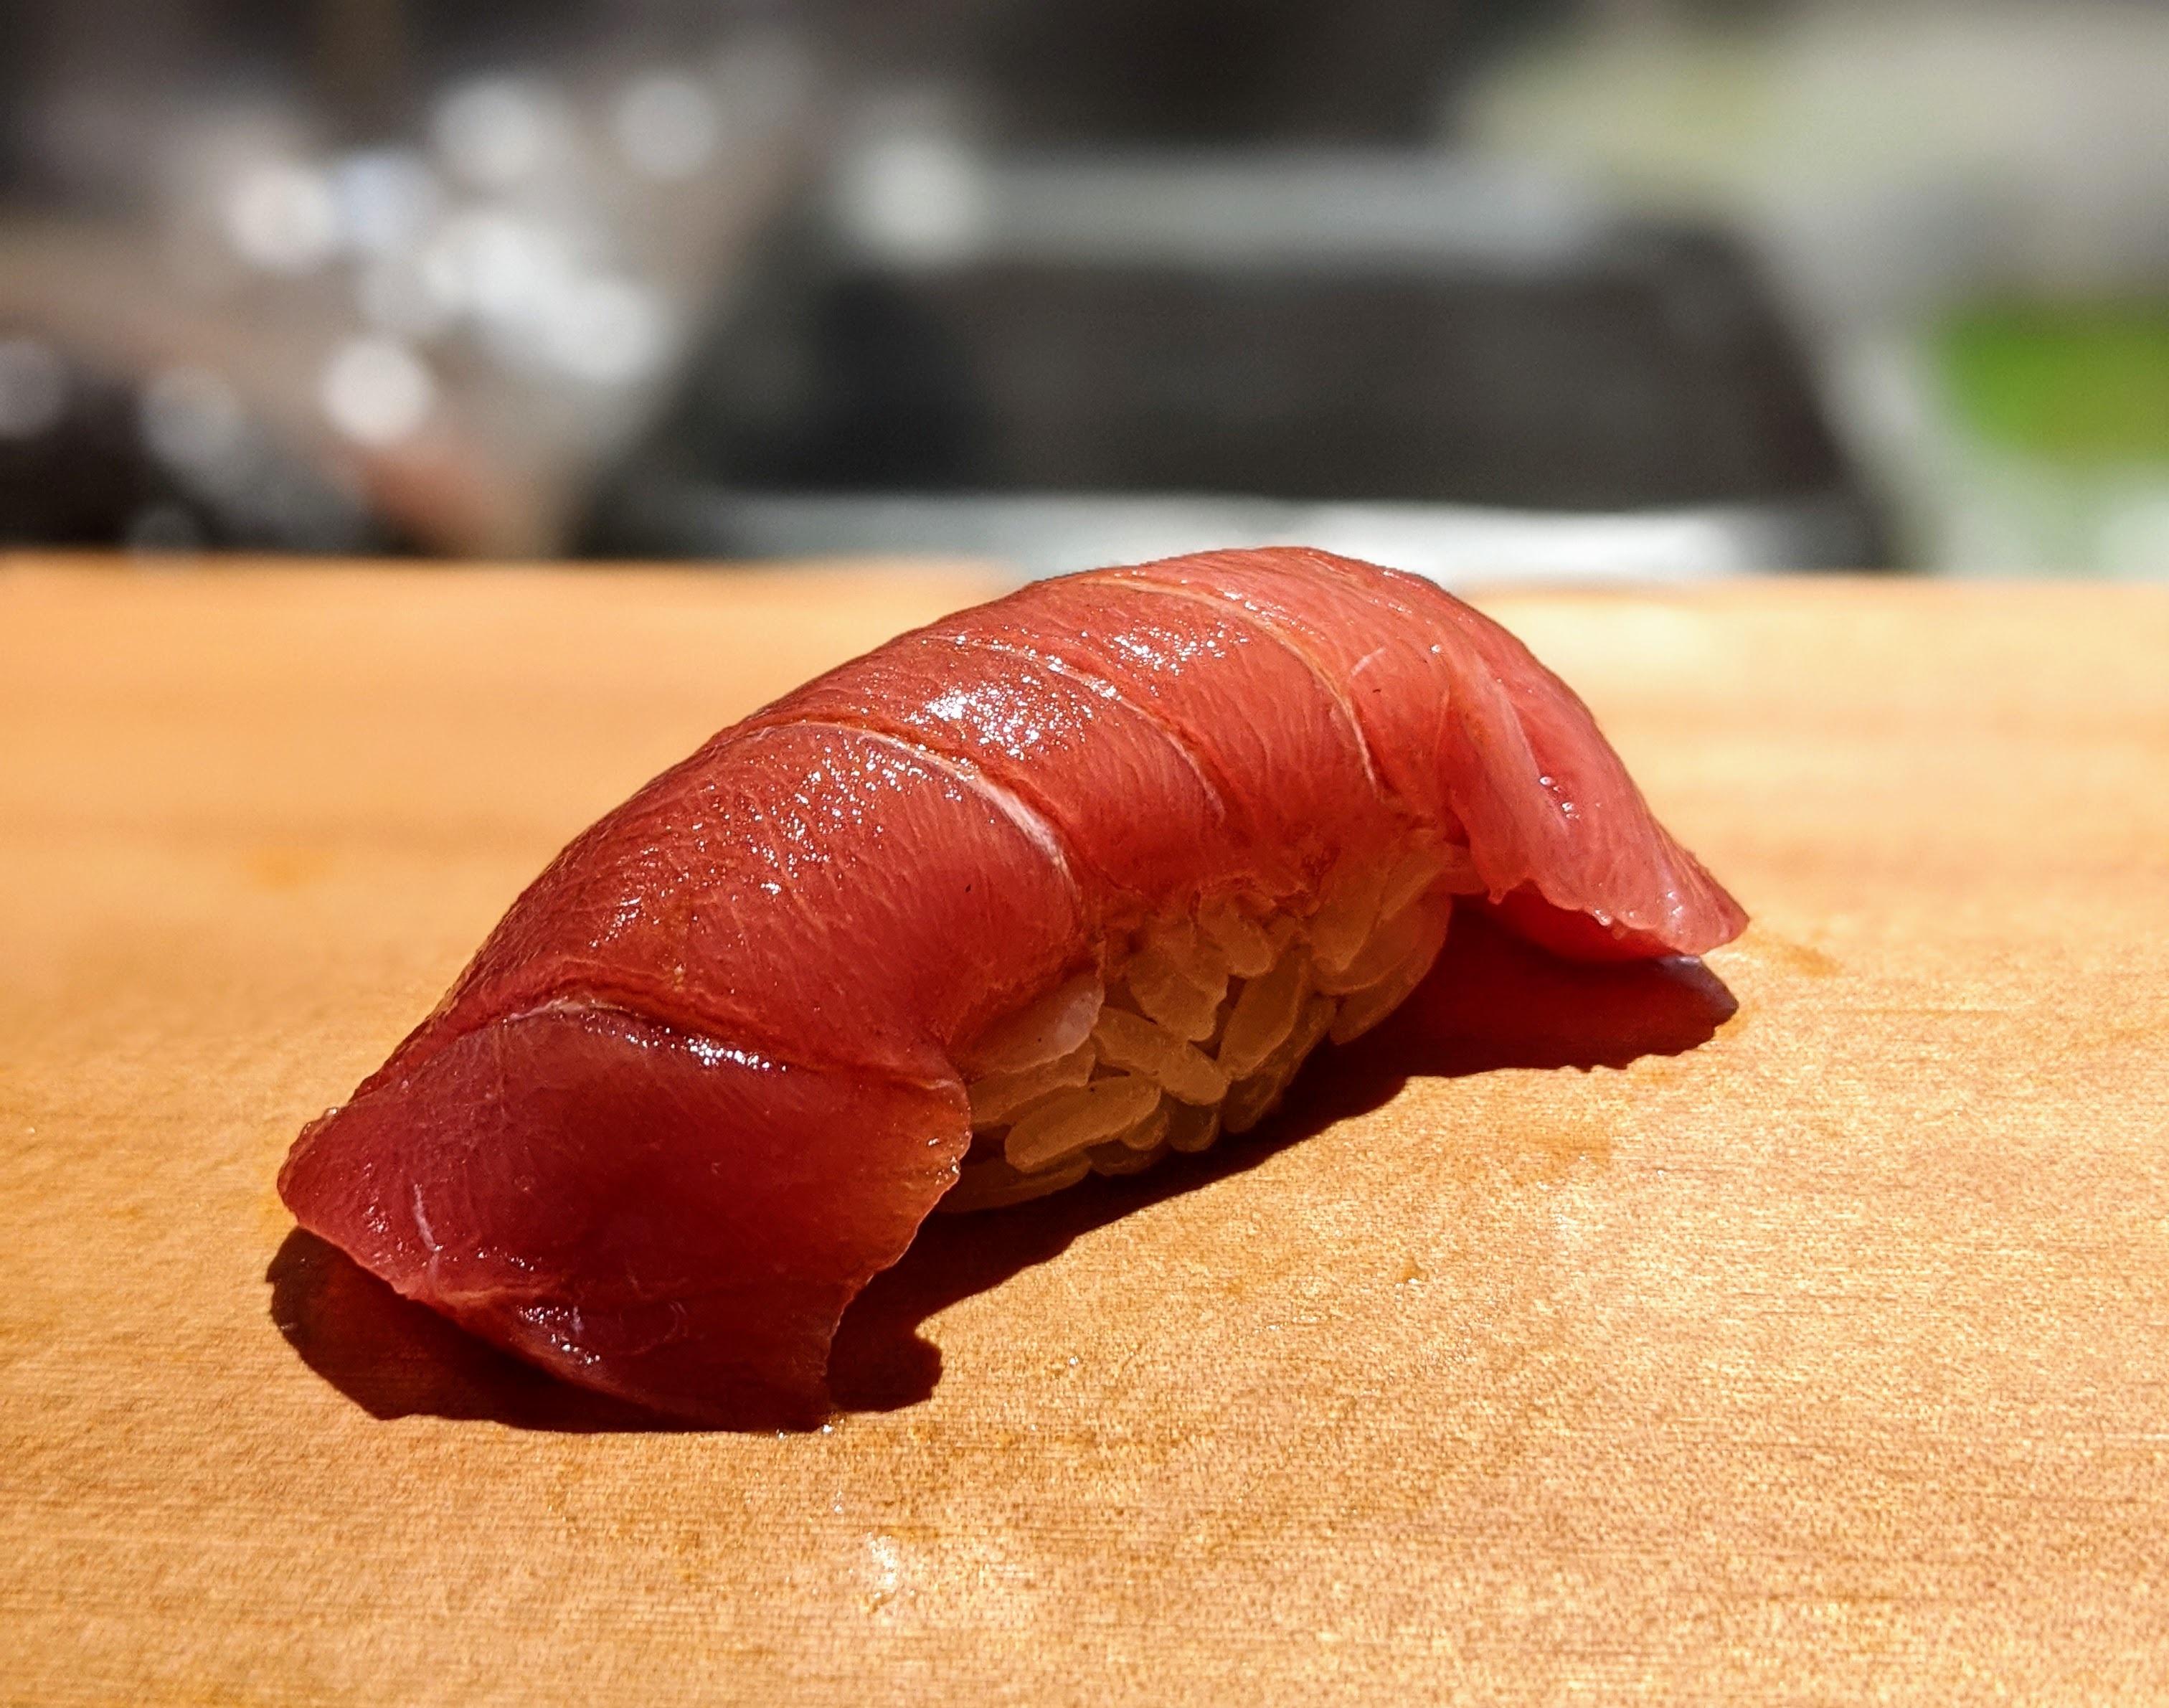 Toro nigiri at Sushi Chitose in Redondo Beach